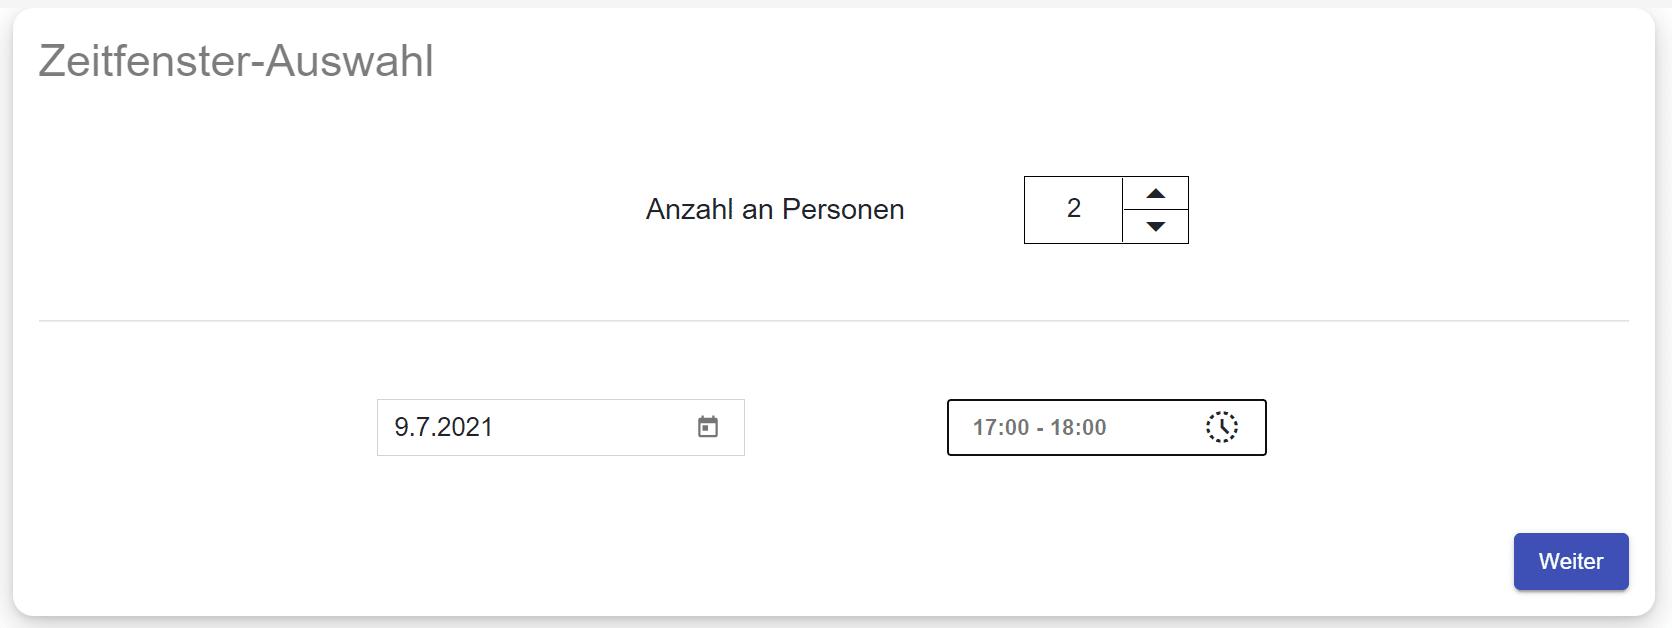 Screenshot eines Zeitfenster-Auswahlfeldes für eine Veranstaltung